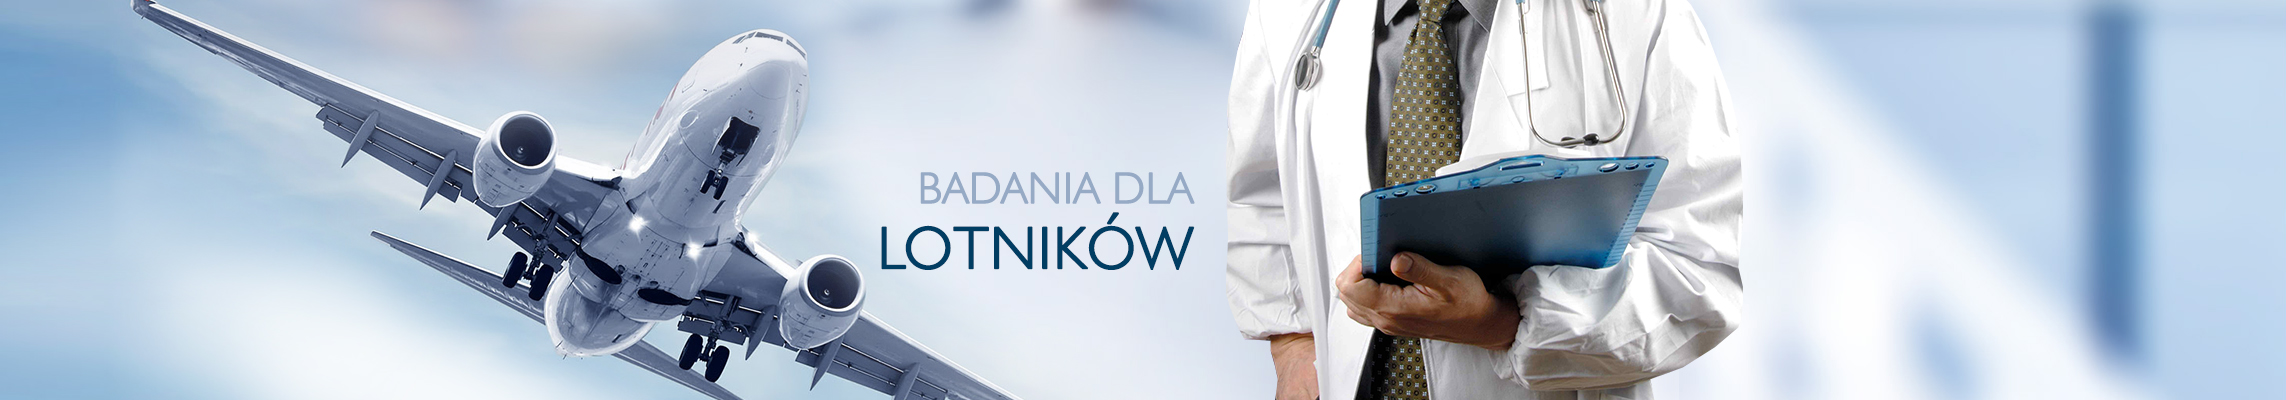 lotnikow